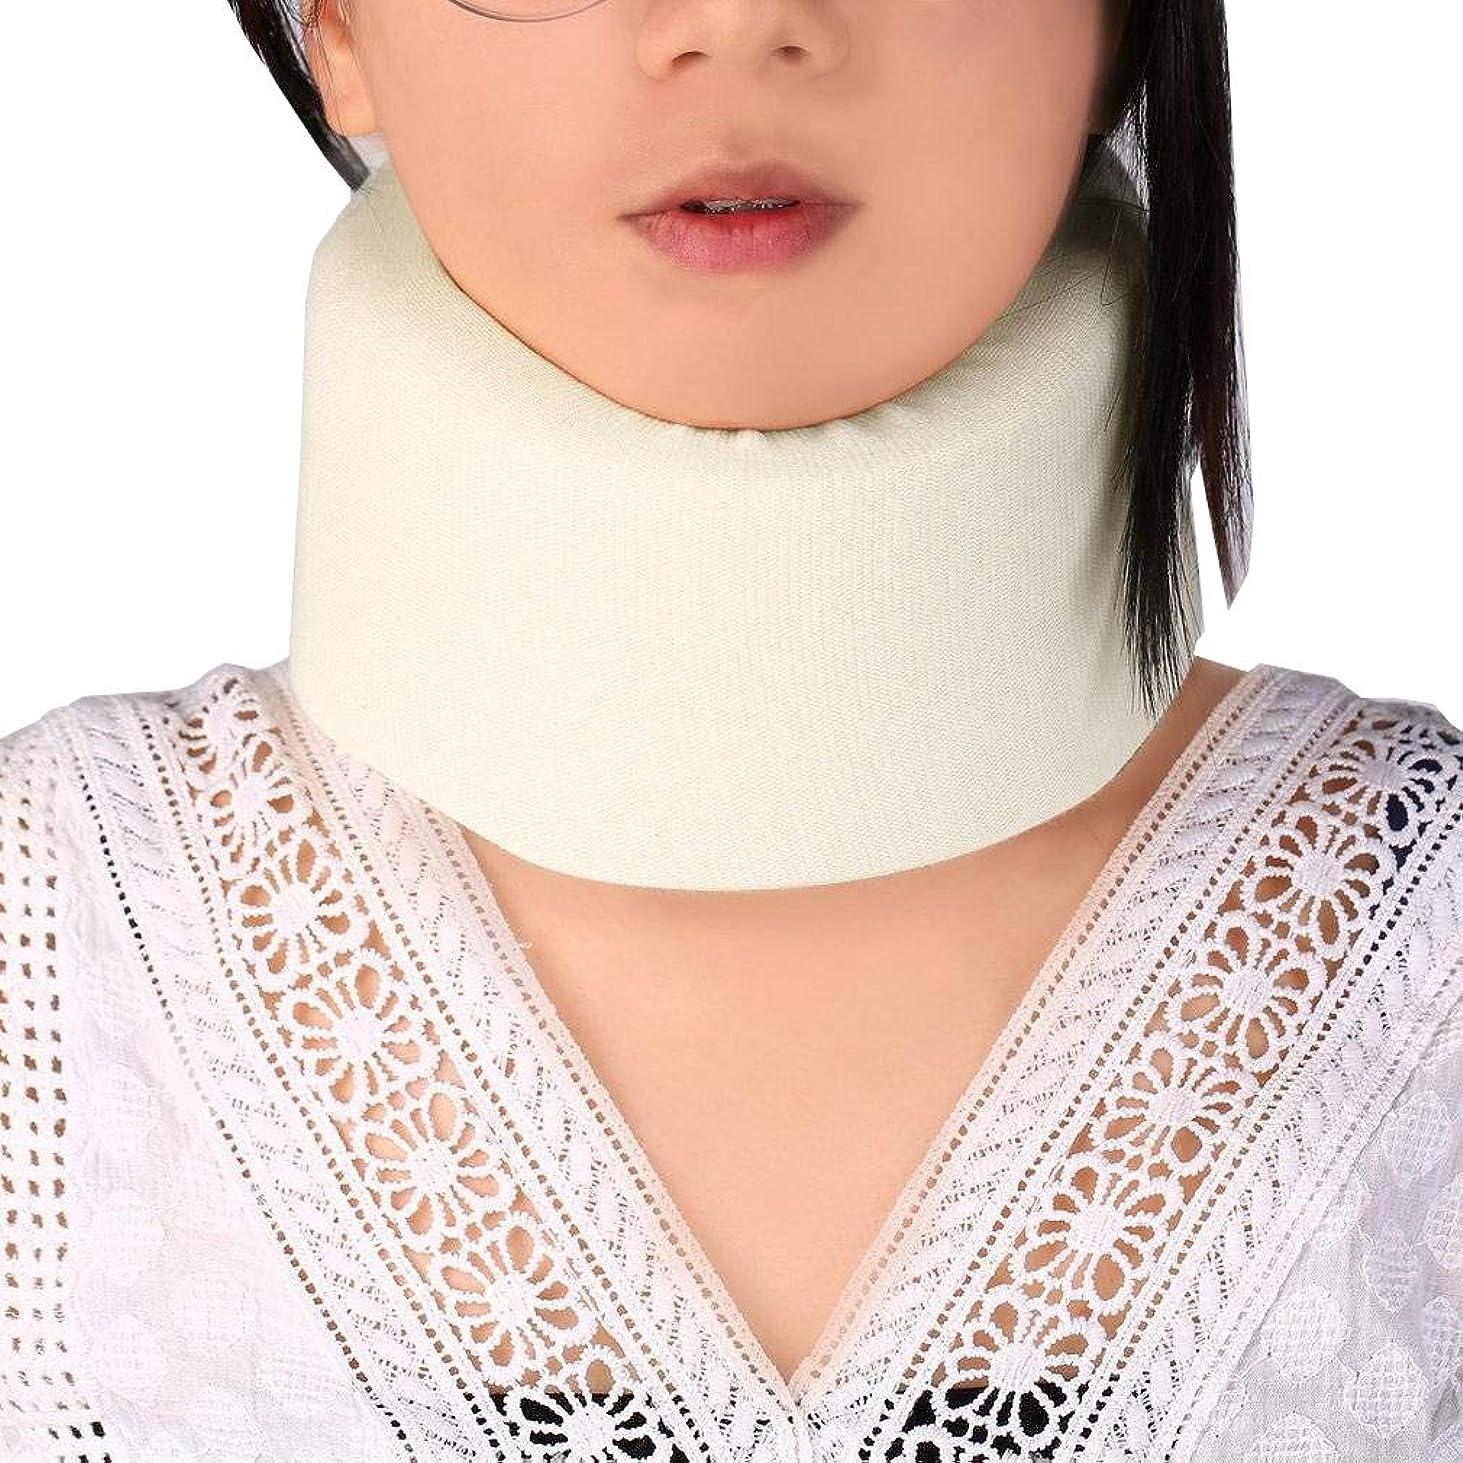 超える独創的子供時代Oral Dentistry 首 サポーター ソフト 頸椎 首こり ソフト頸椎カラー 肩の痛みの軽減 着脱 簡単 男女兼用 ホワイト